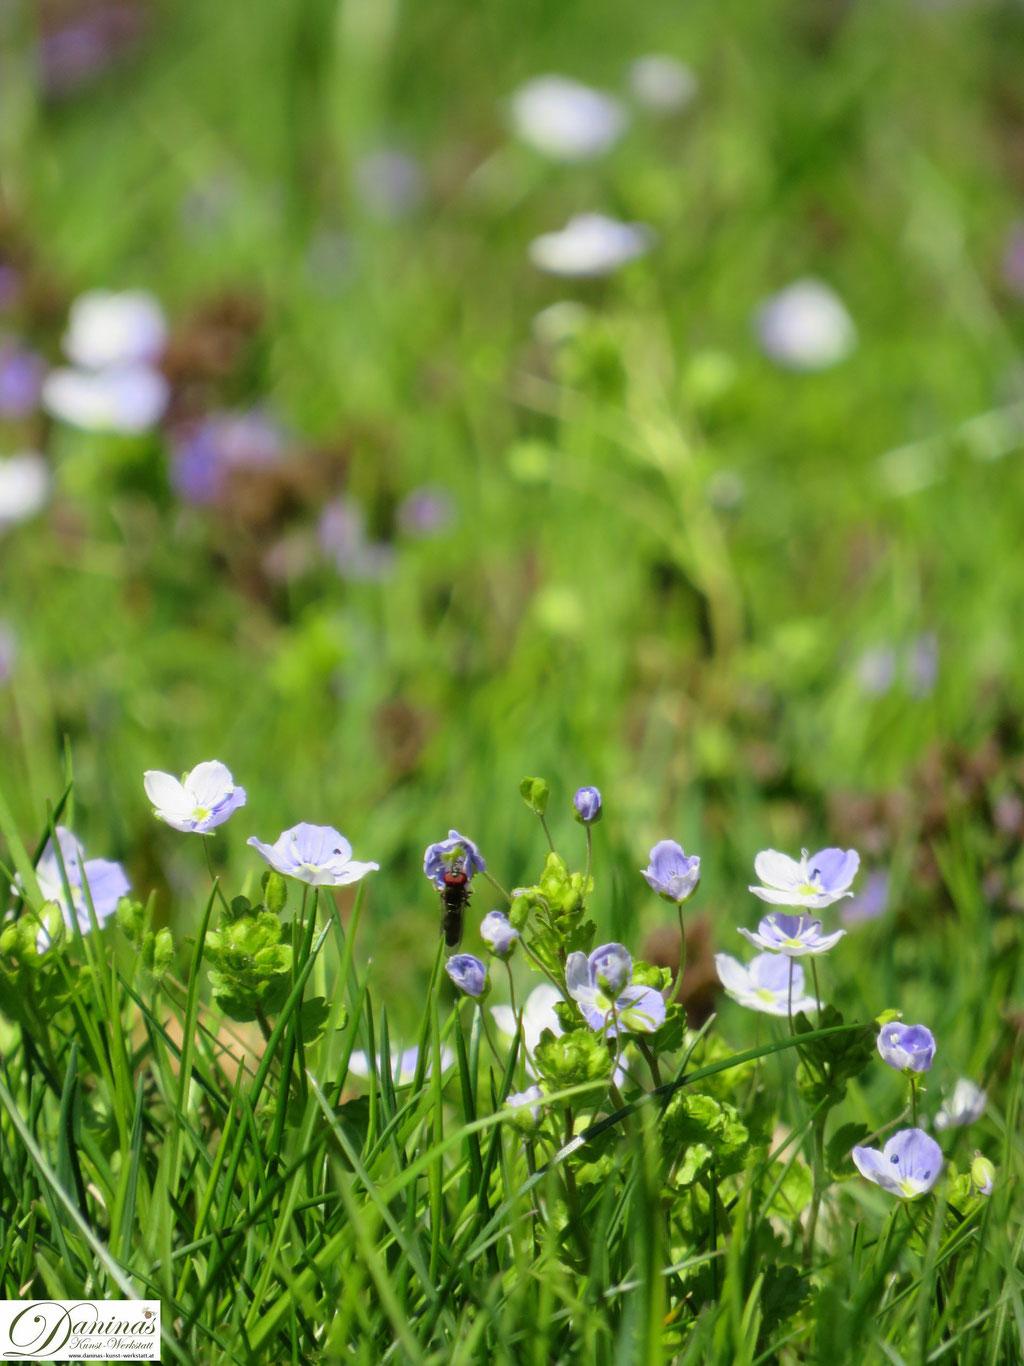 Ehrenpreis im Garten - Wilde blaue Wiesenblumen im Frühling